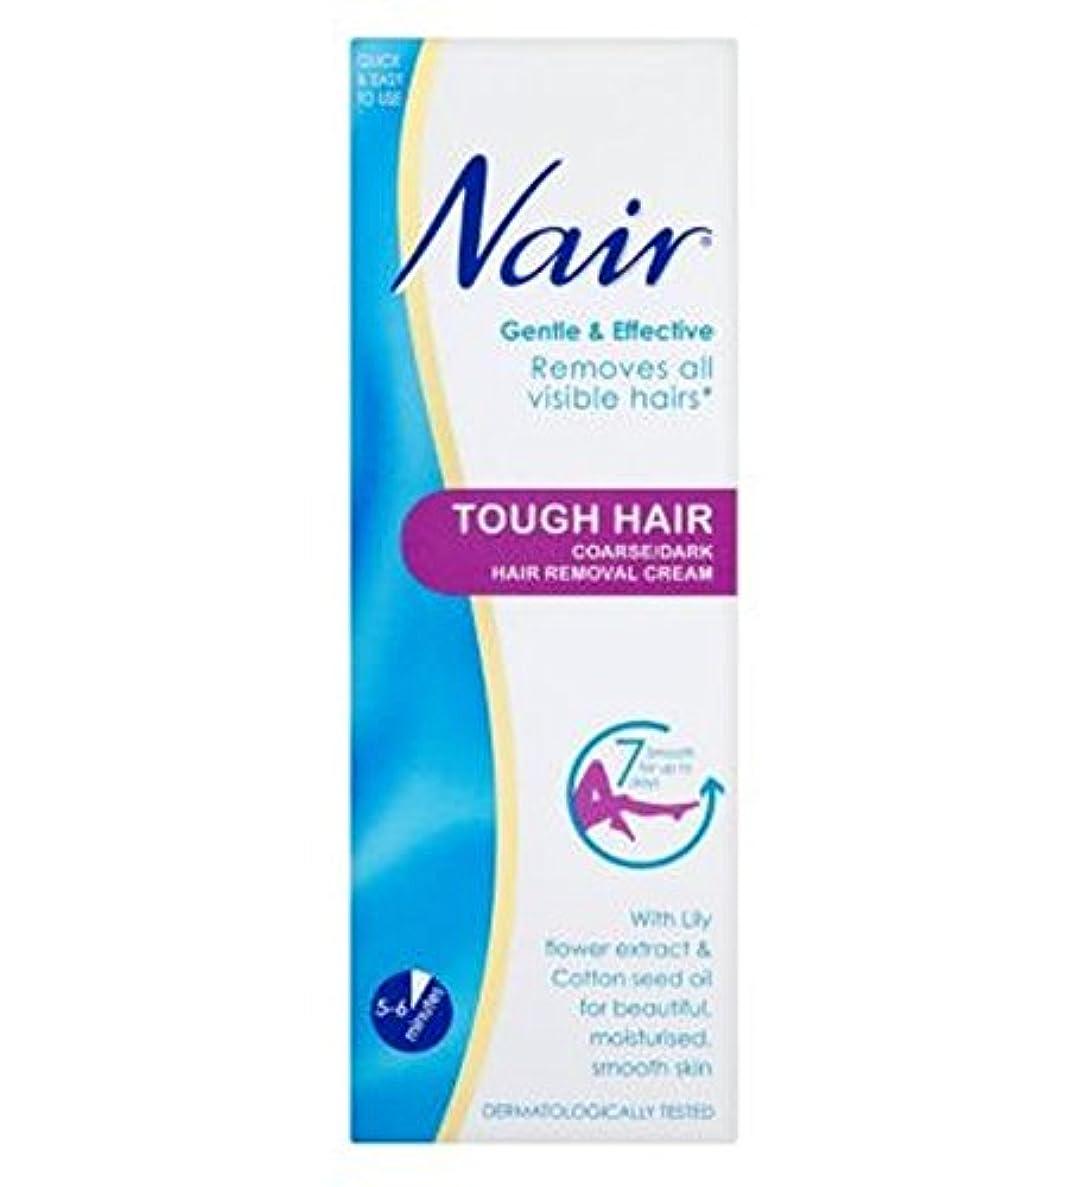 詳細にブローに向かってナイールタフな毛脱毛クリーム200ミリリットル (Nair) (x2) - Nair Tough Hair Hair Removal Cream 200ml (Pack of 2) [並行輸入品]